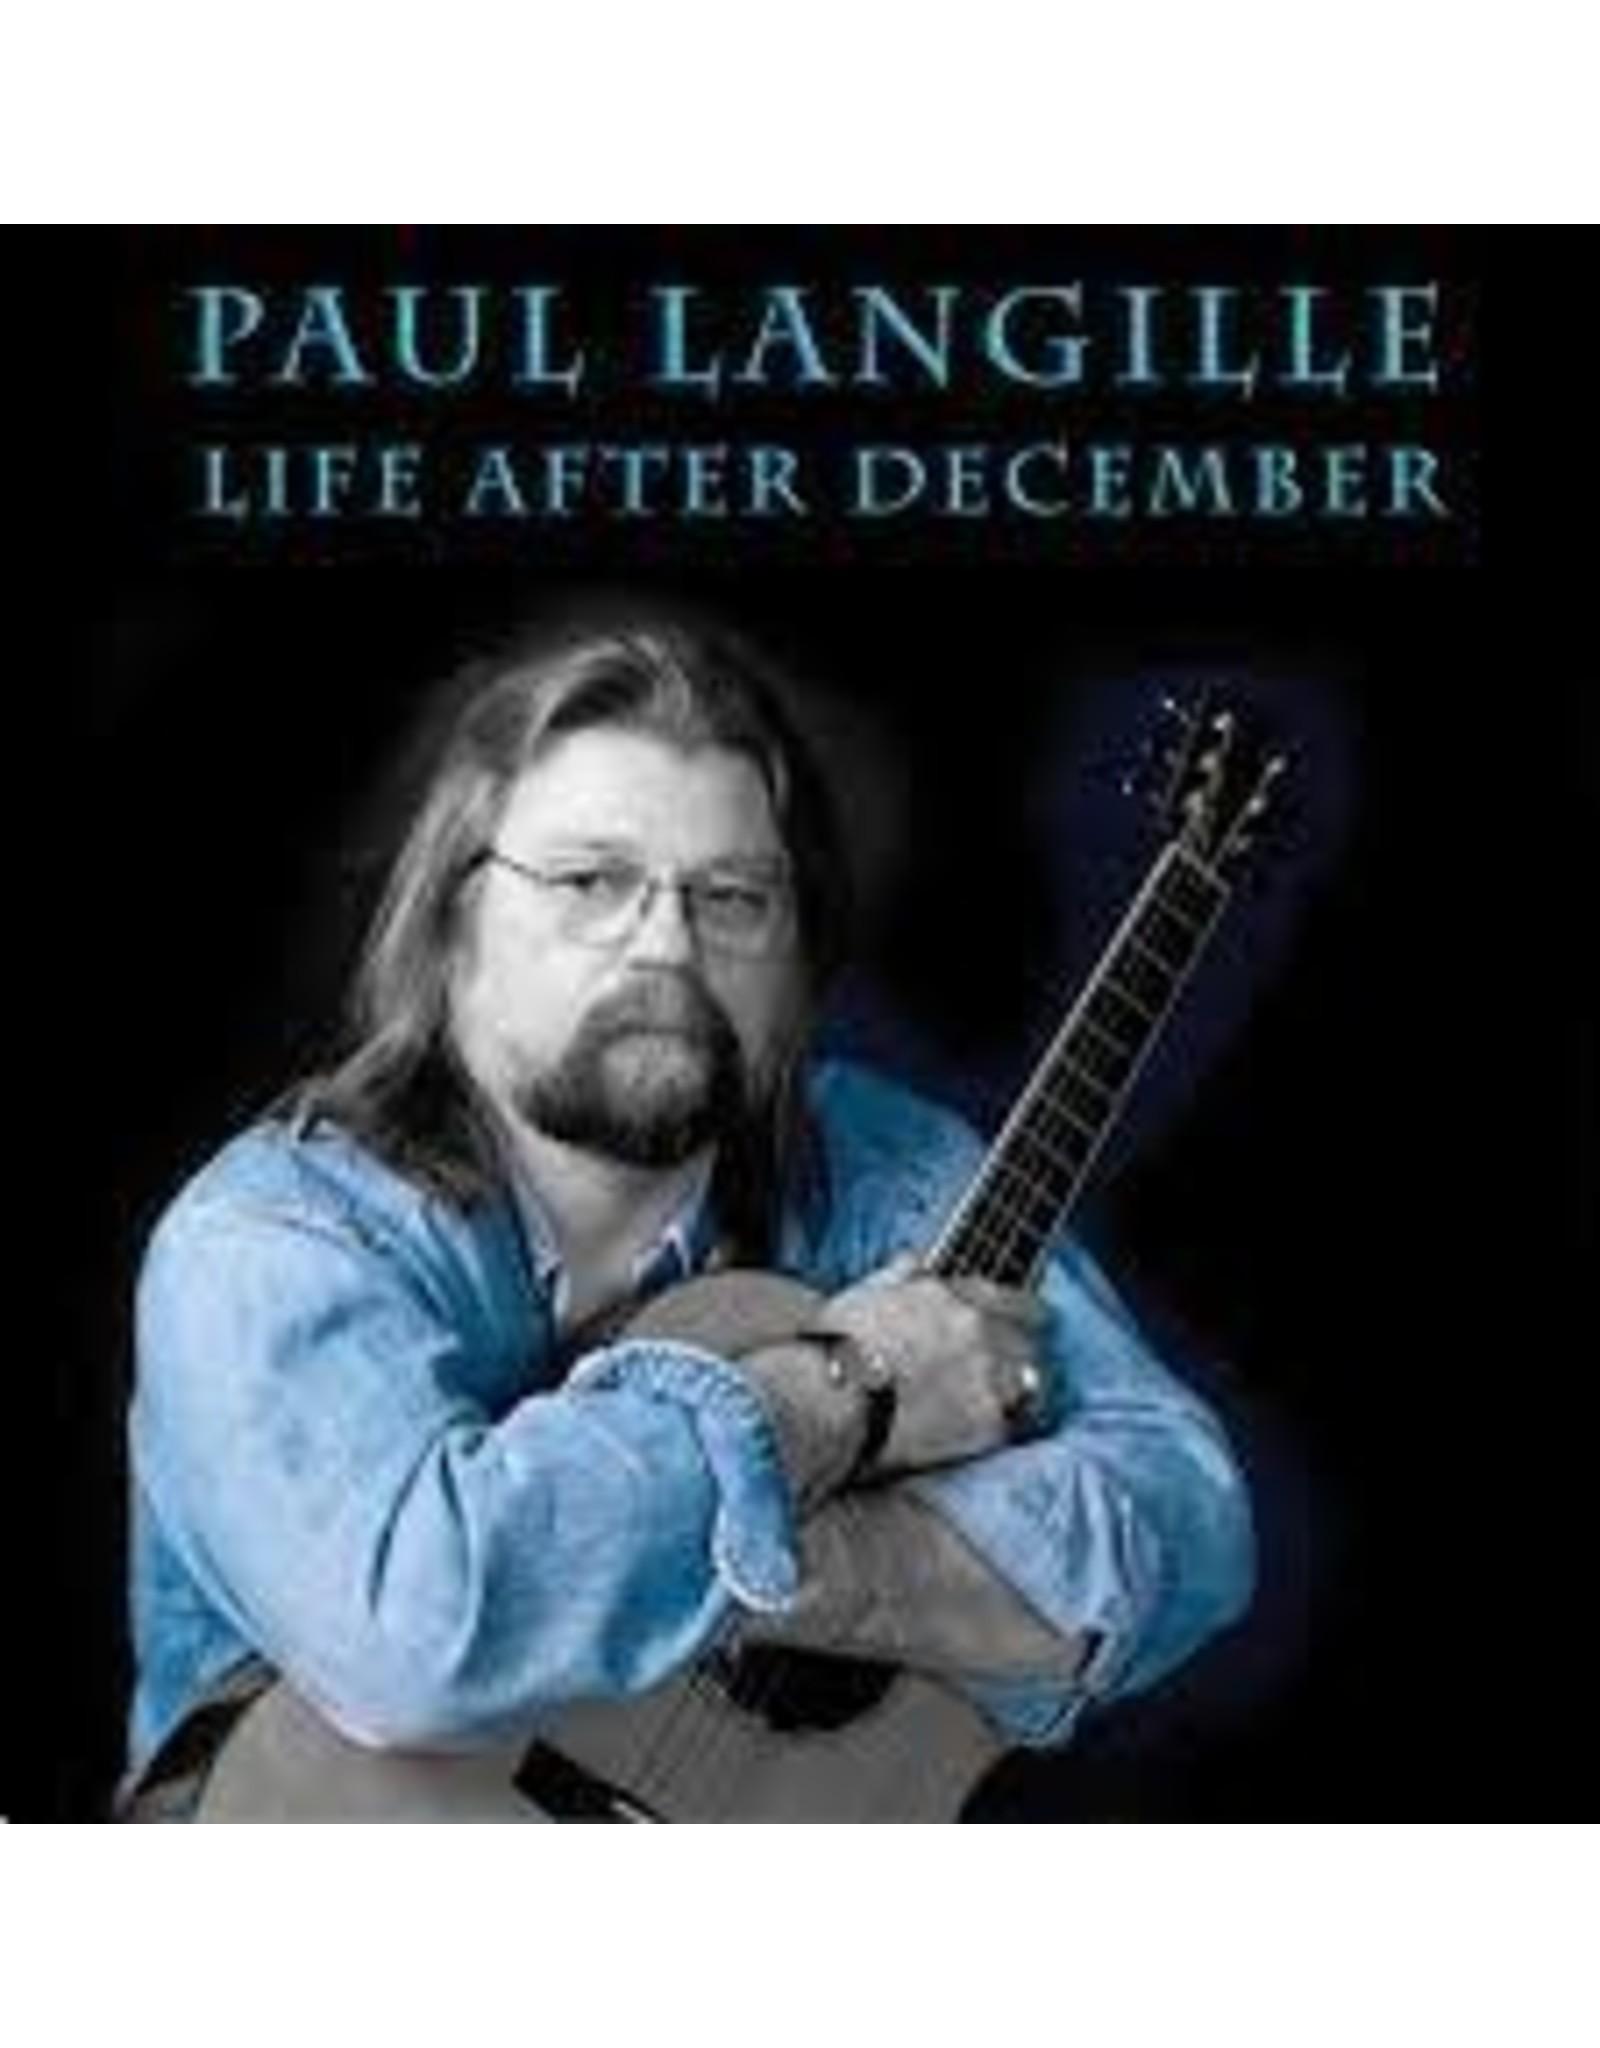 Langille, Paul - Life After December CD